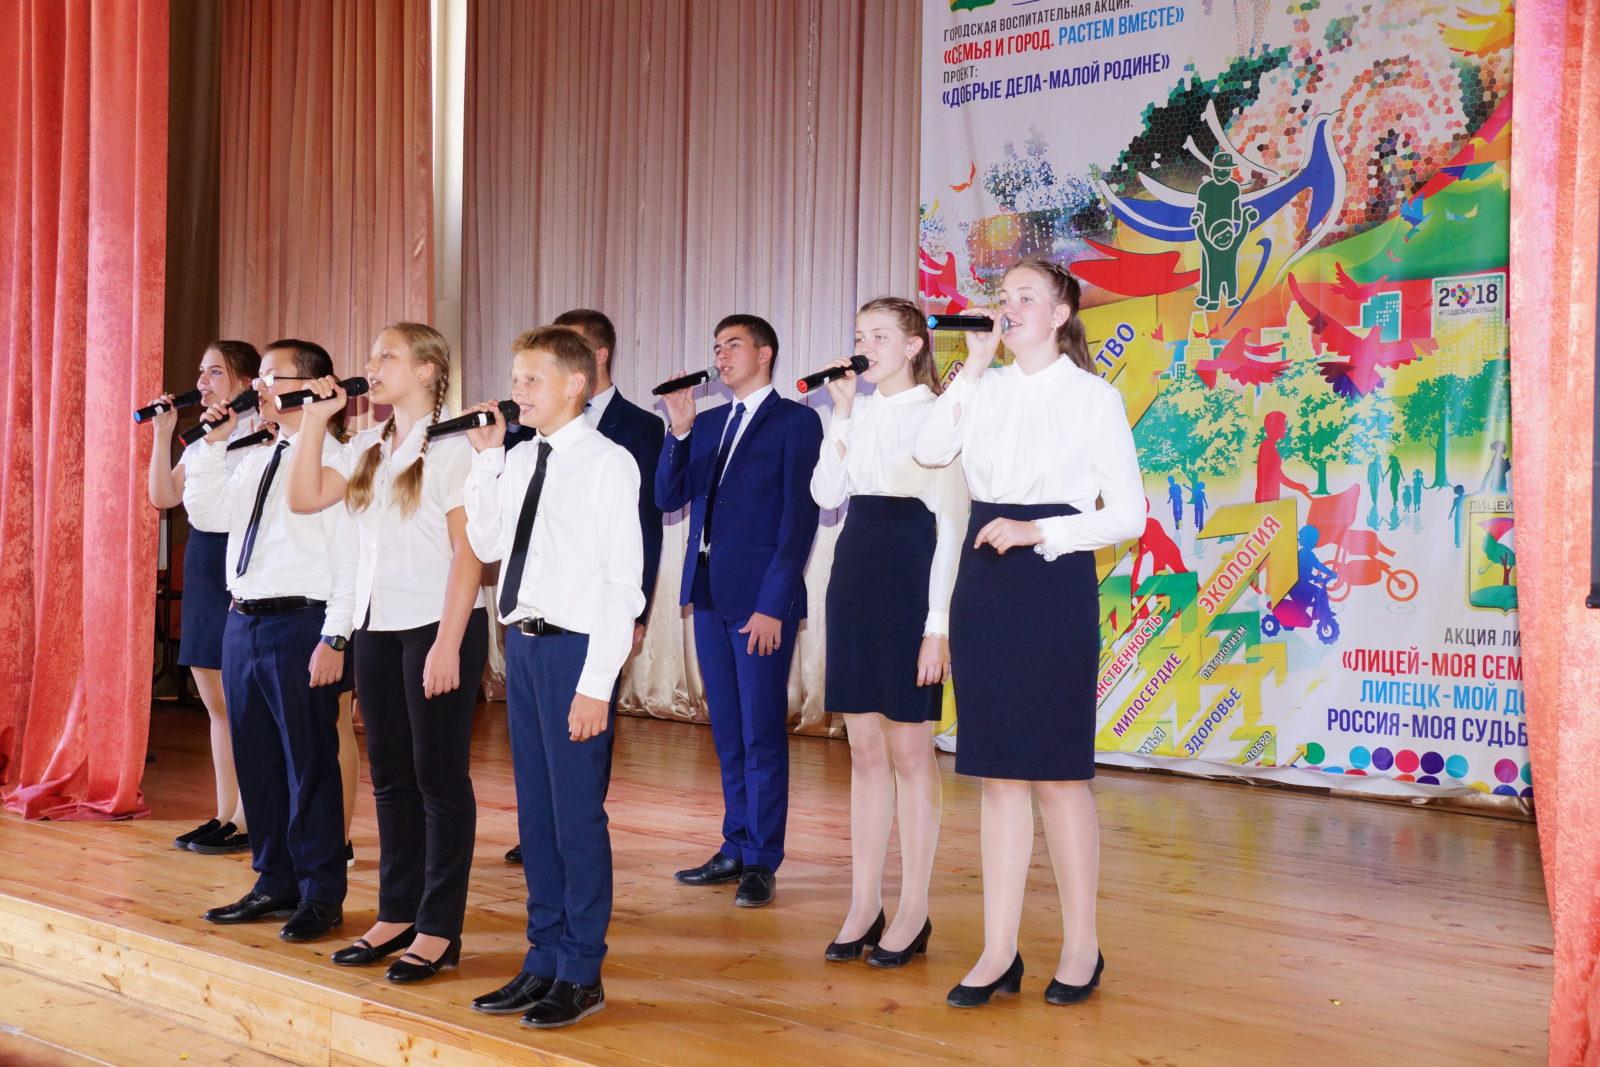 МБОУ ЭКОЛицей №66 города Липецка, вокальная группа Лицей, Россия, мы дети твои!